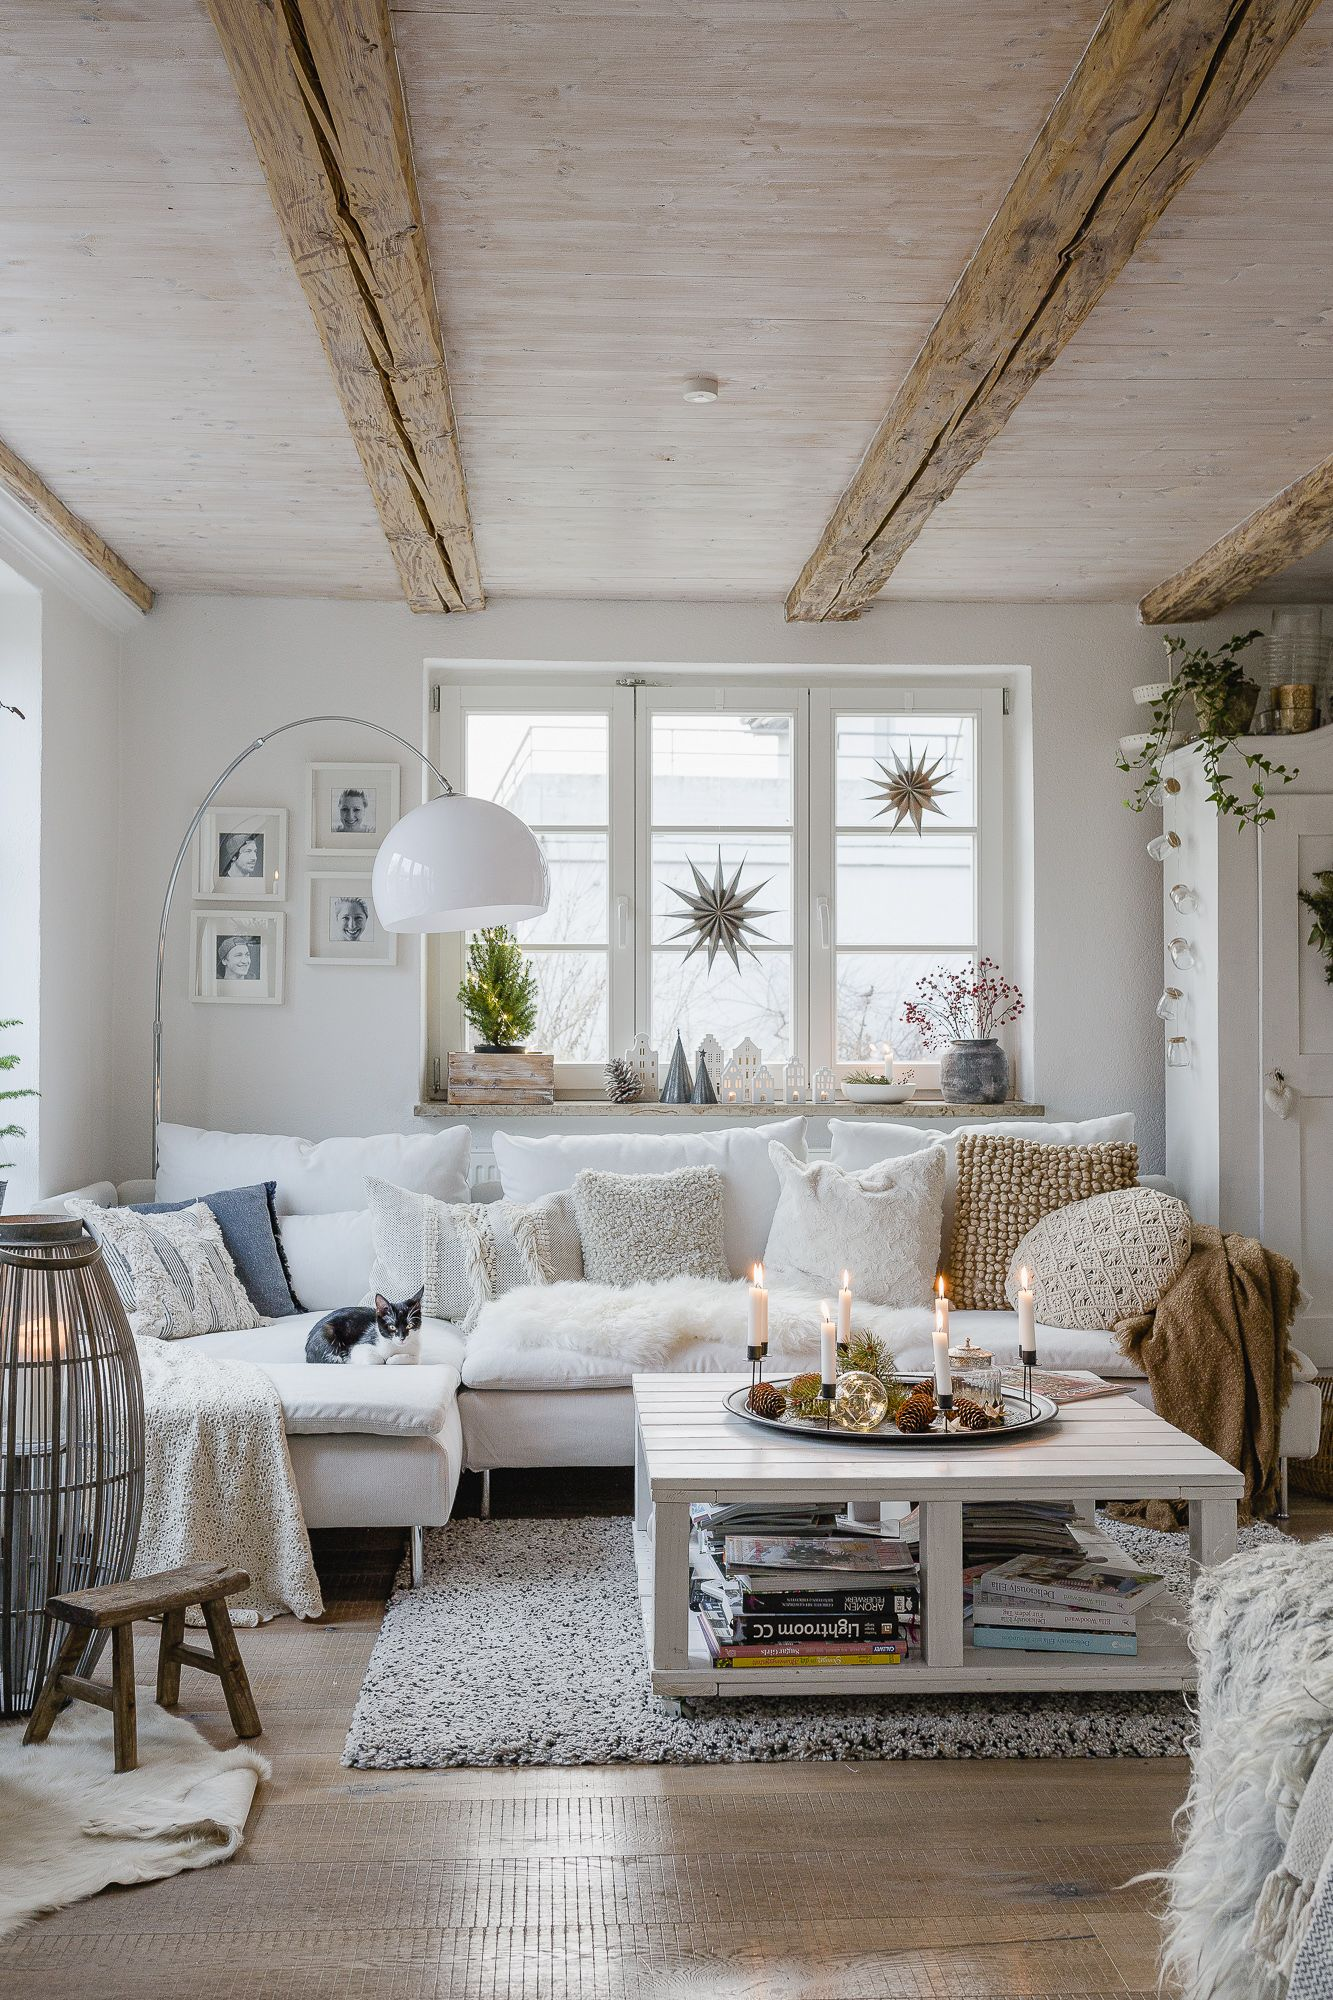 Vom Adventskranz, Weihnachtsdeko und einem neuen Sofa